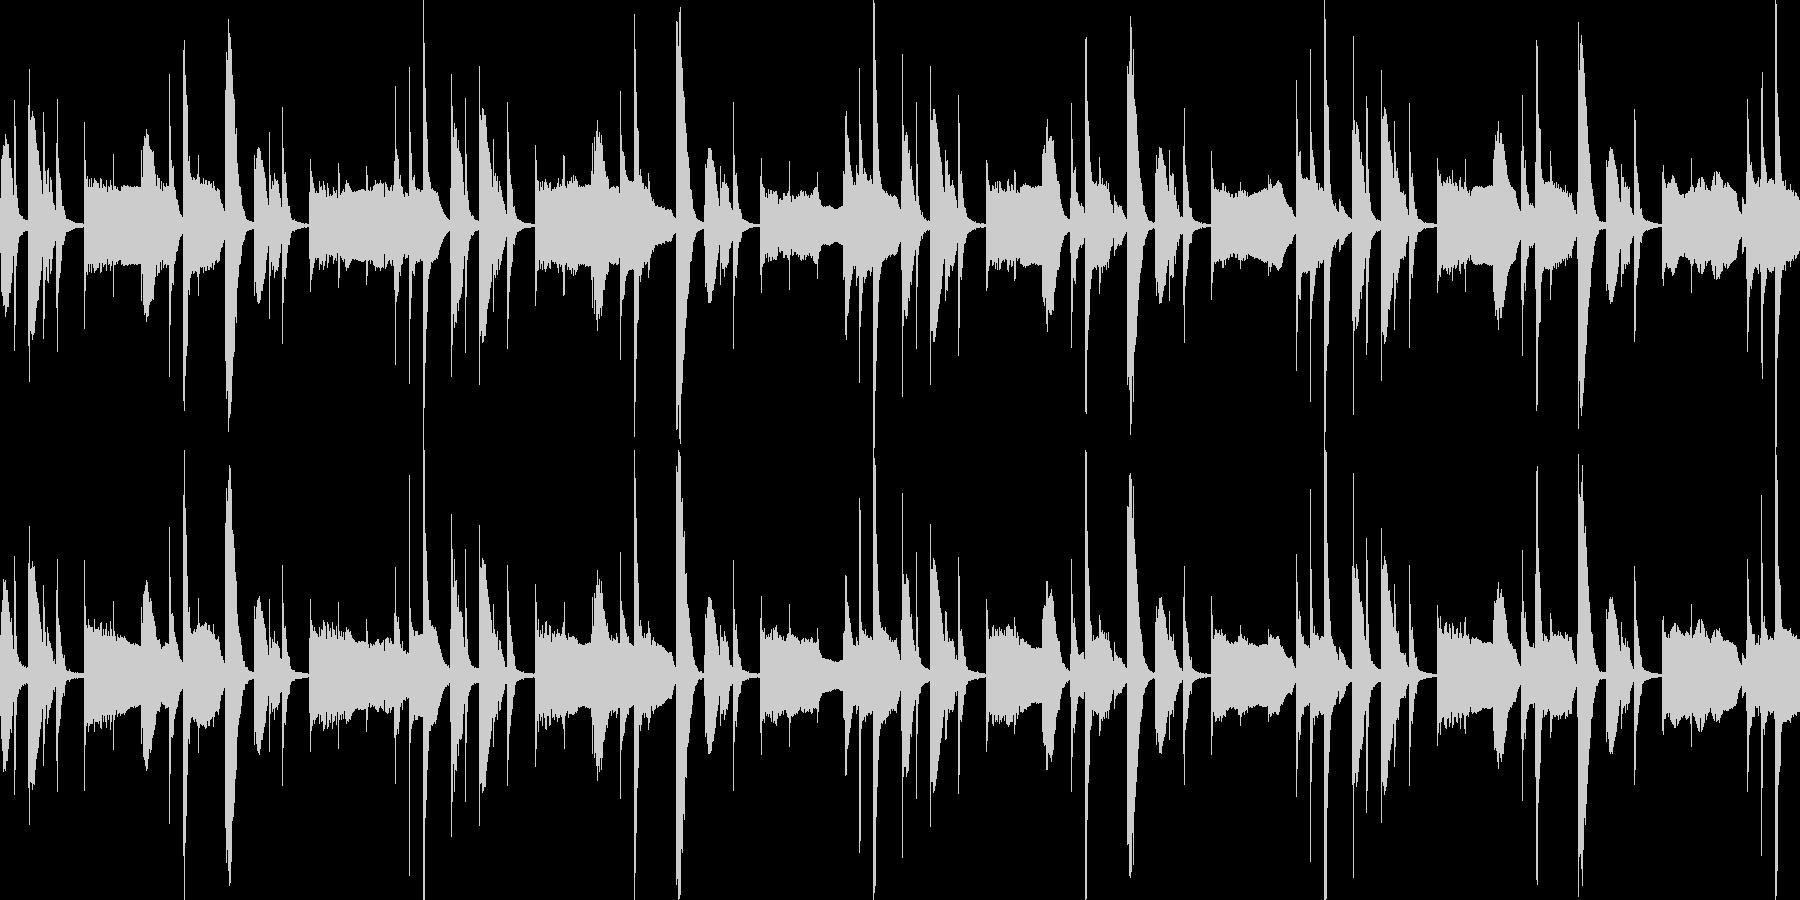 ヒップホップのバッキングトラック風ループの未再生の波形